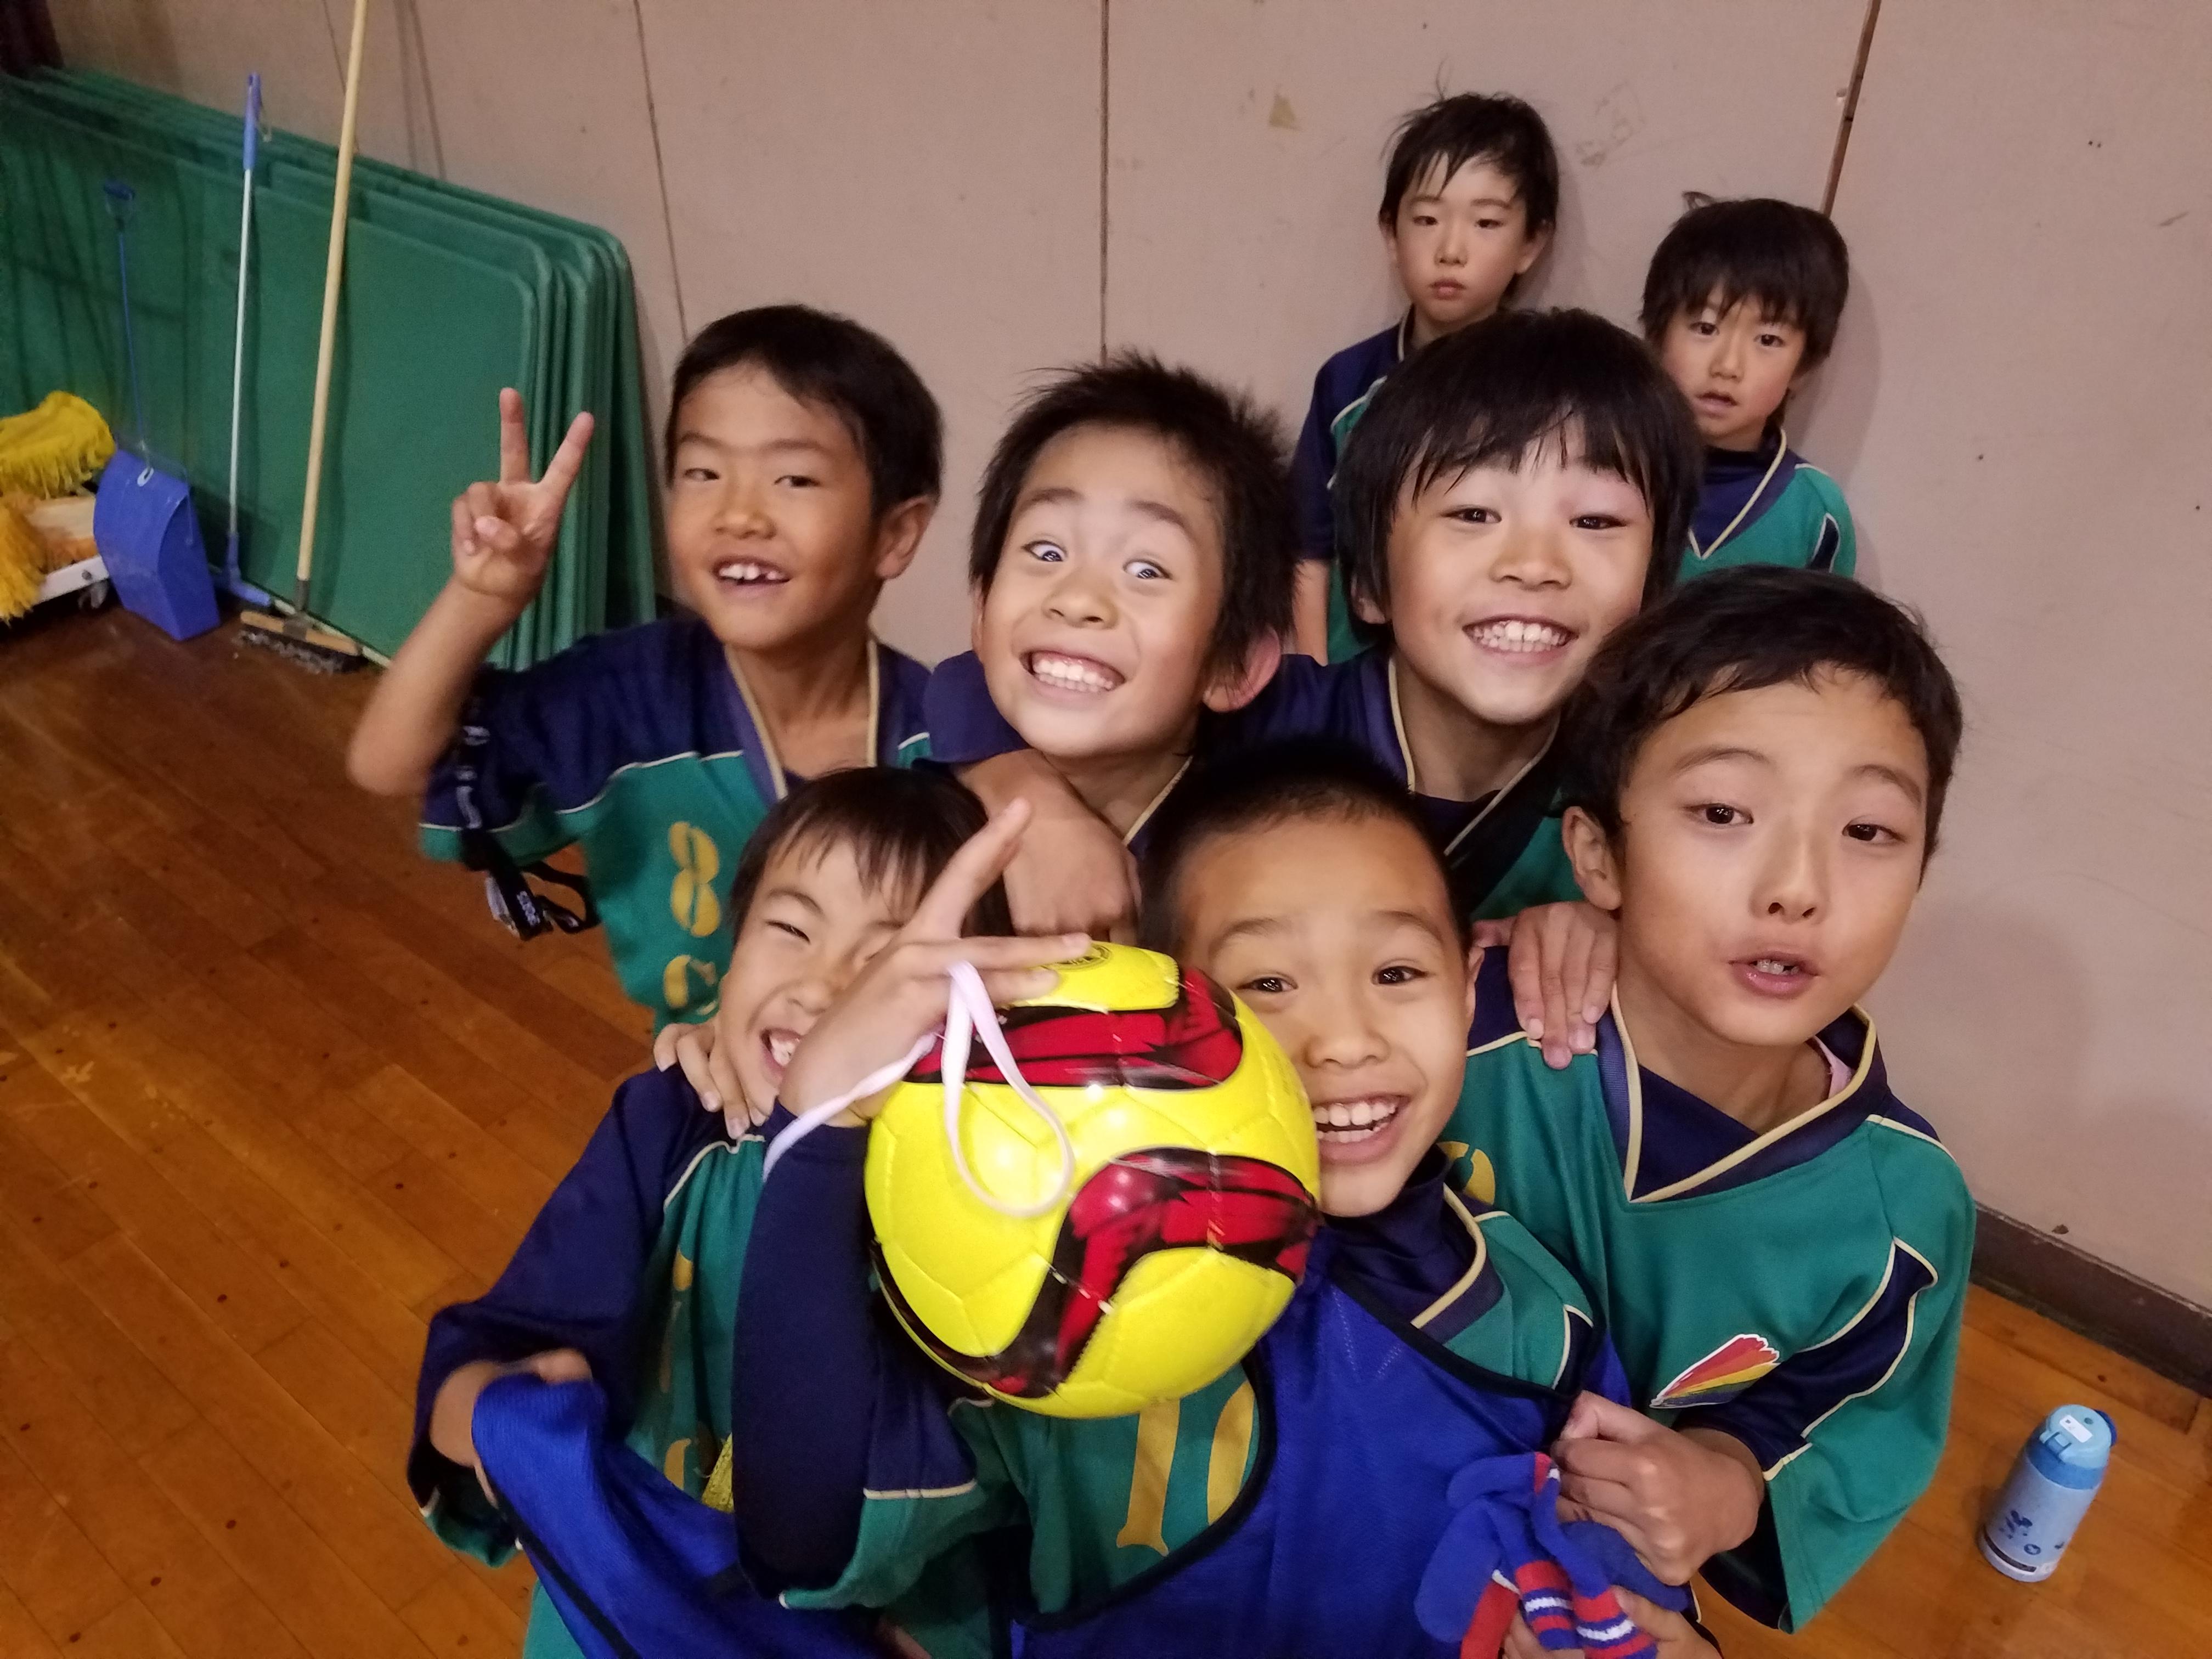 10月29日(日)富士森体育館分館競技場TRM